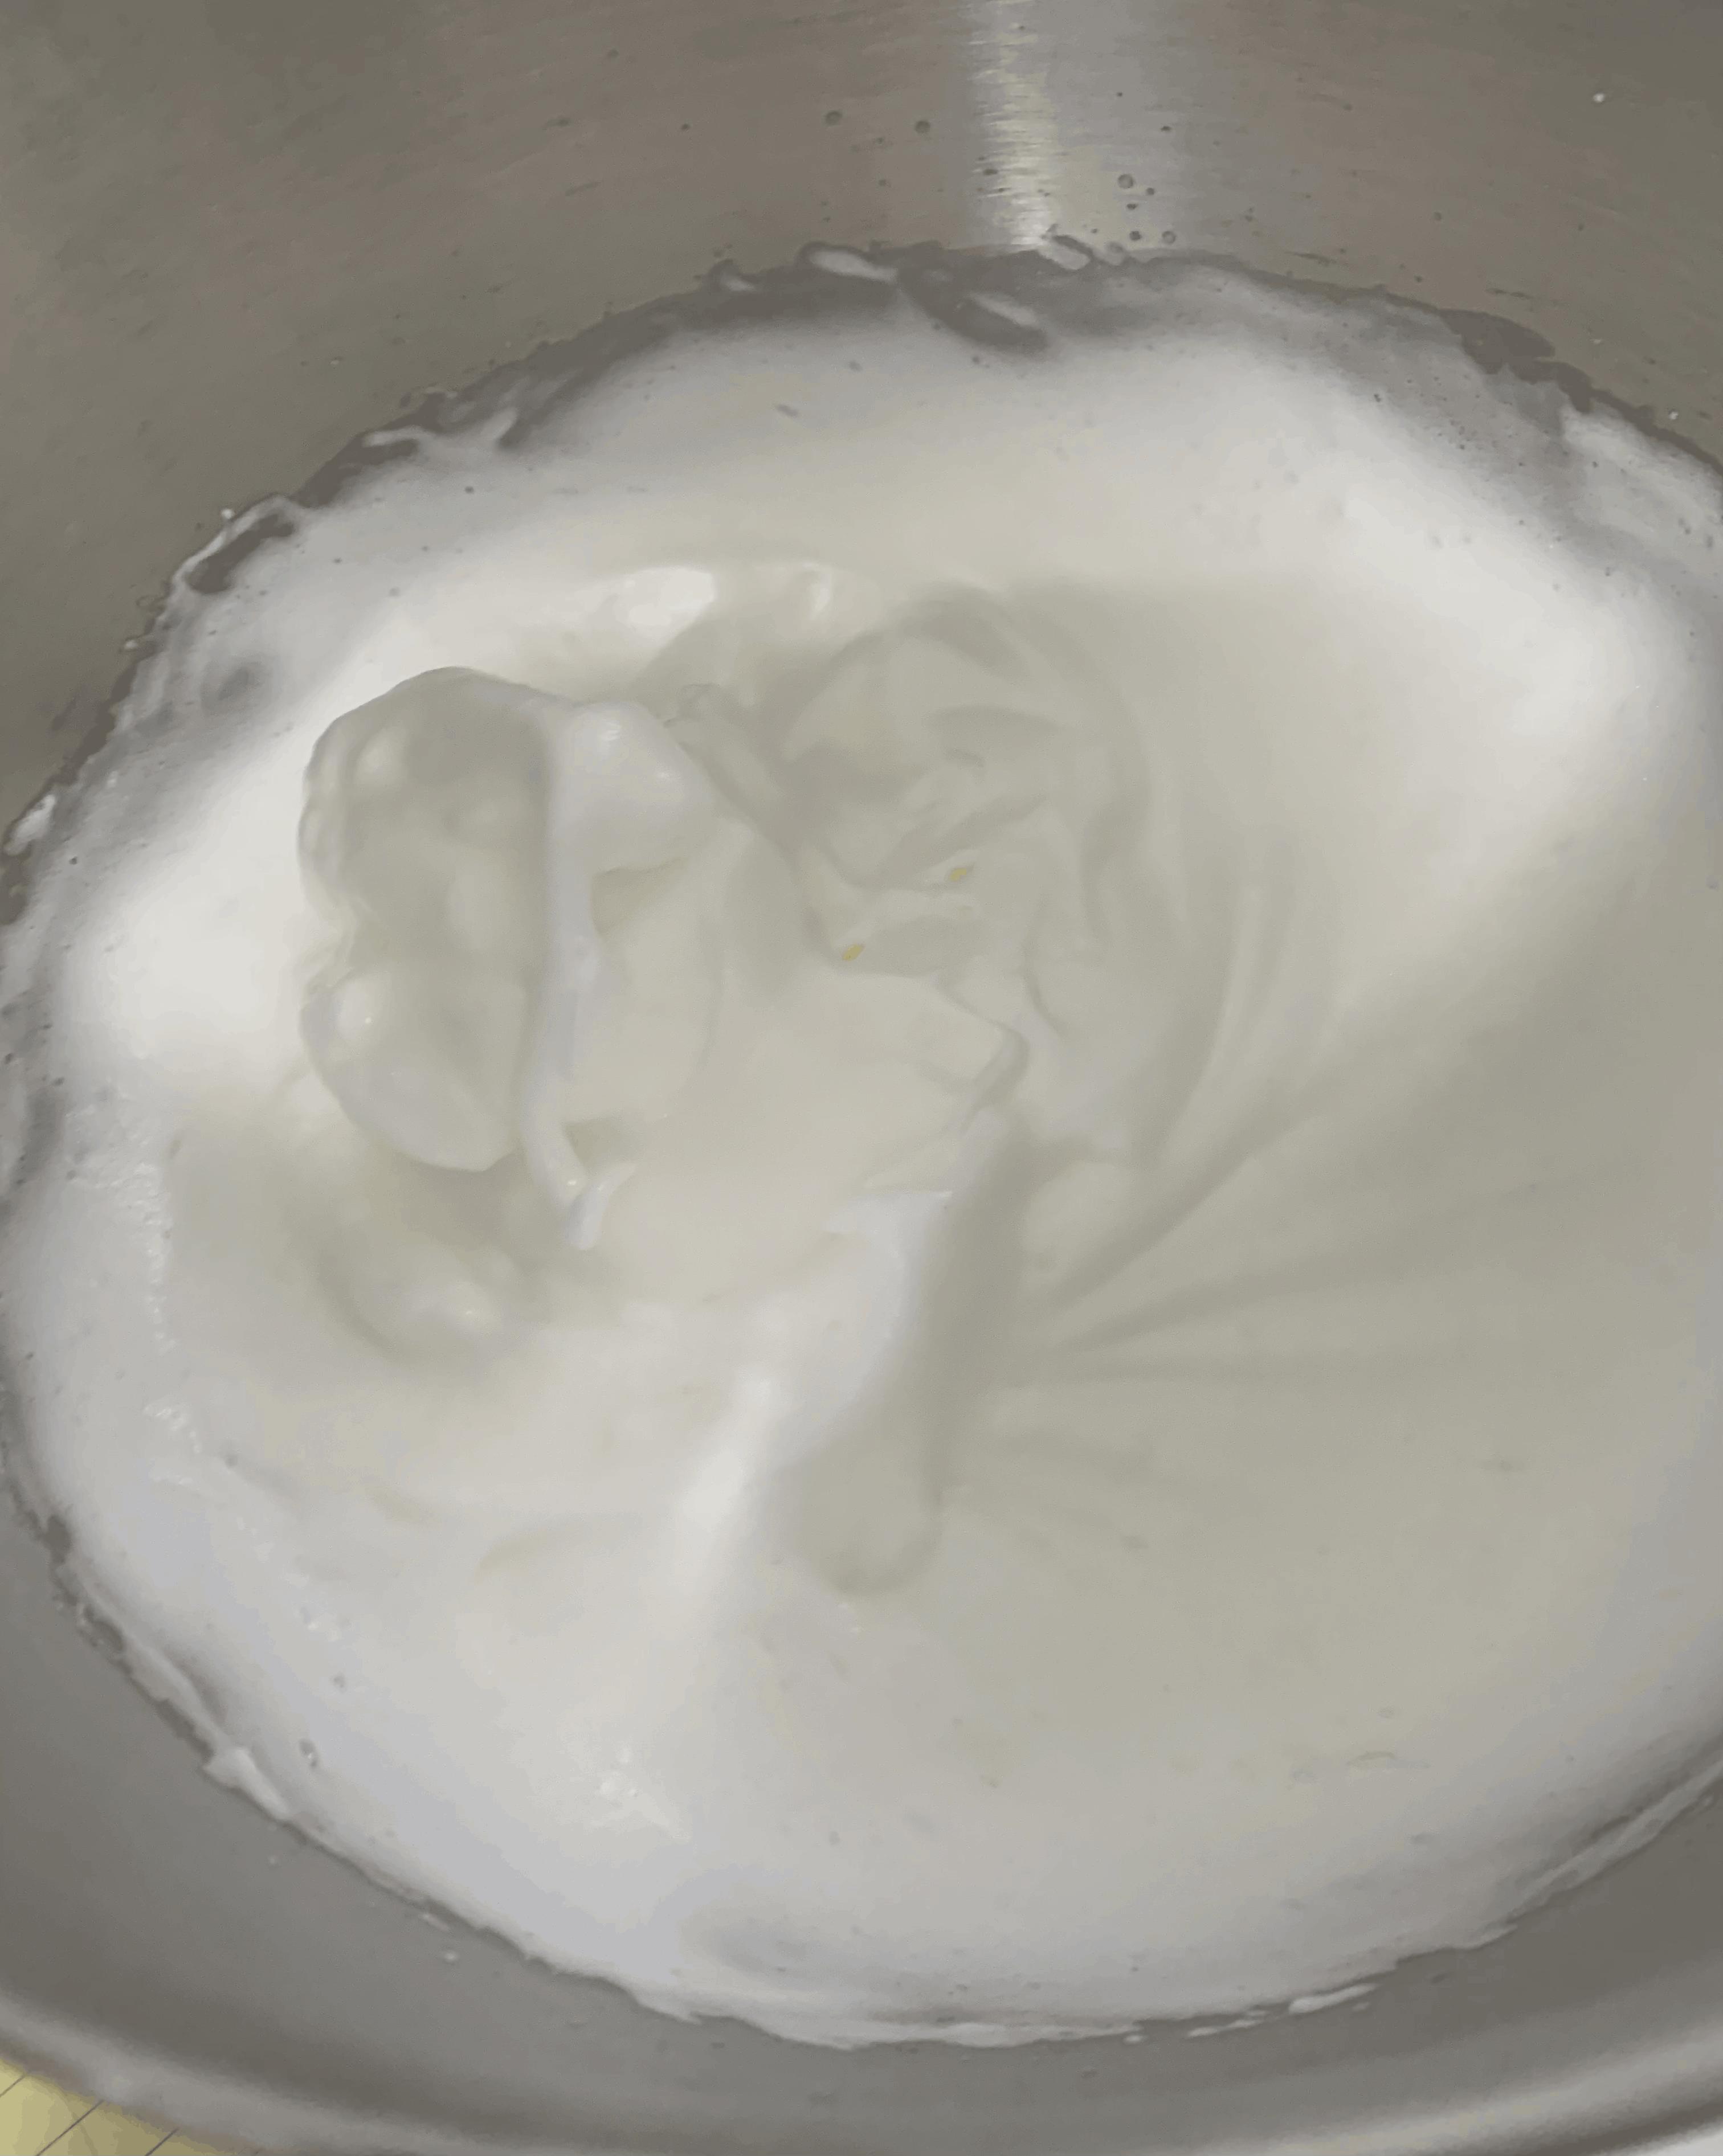 עוגת שוקולד לבן וקוקוס | צילום: ספיר דהן